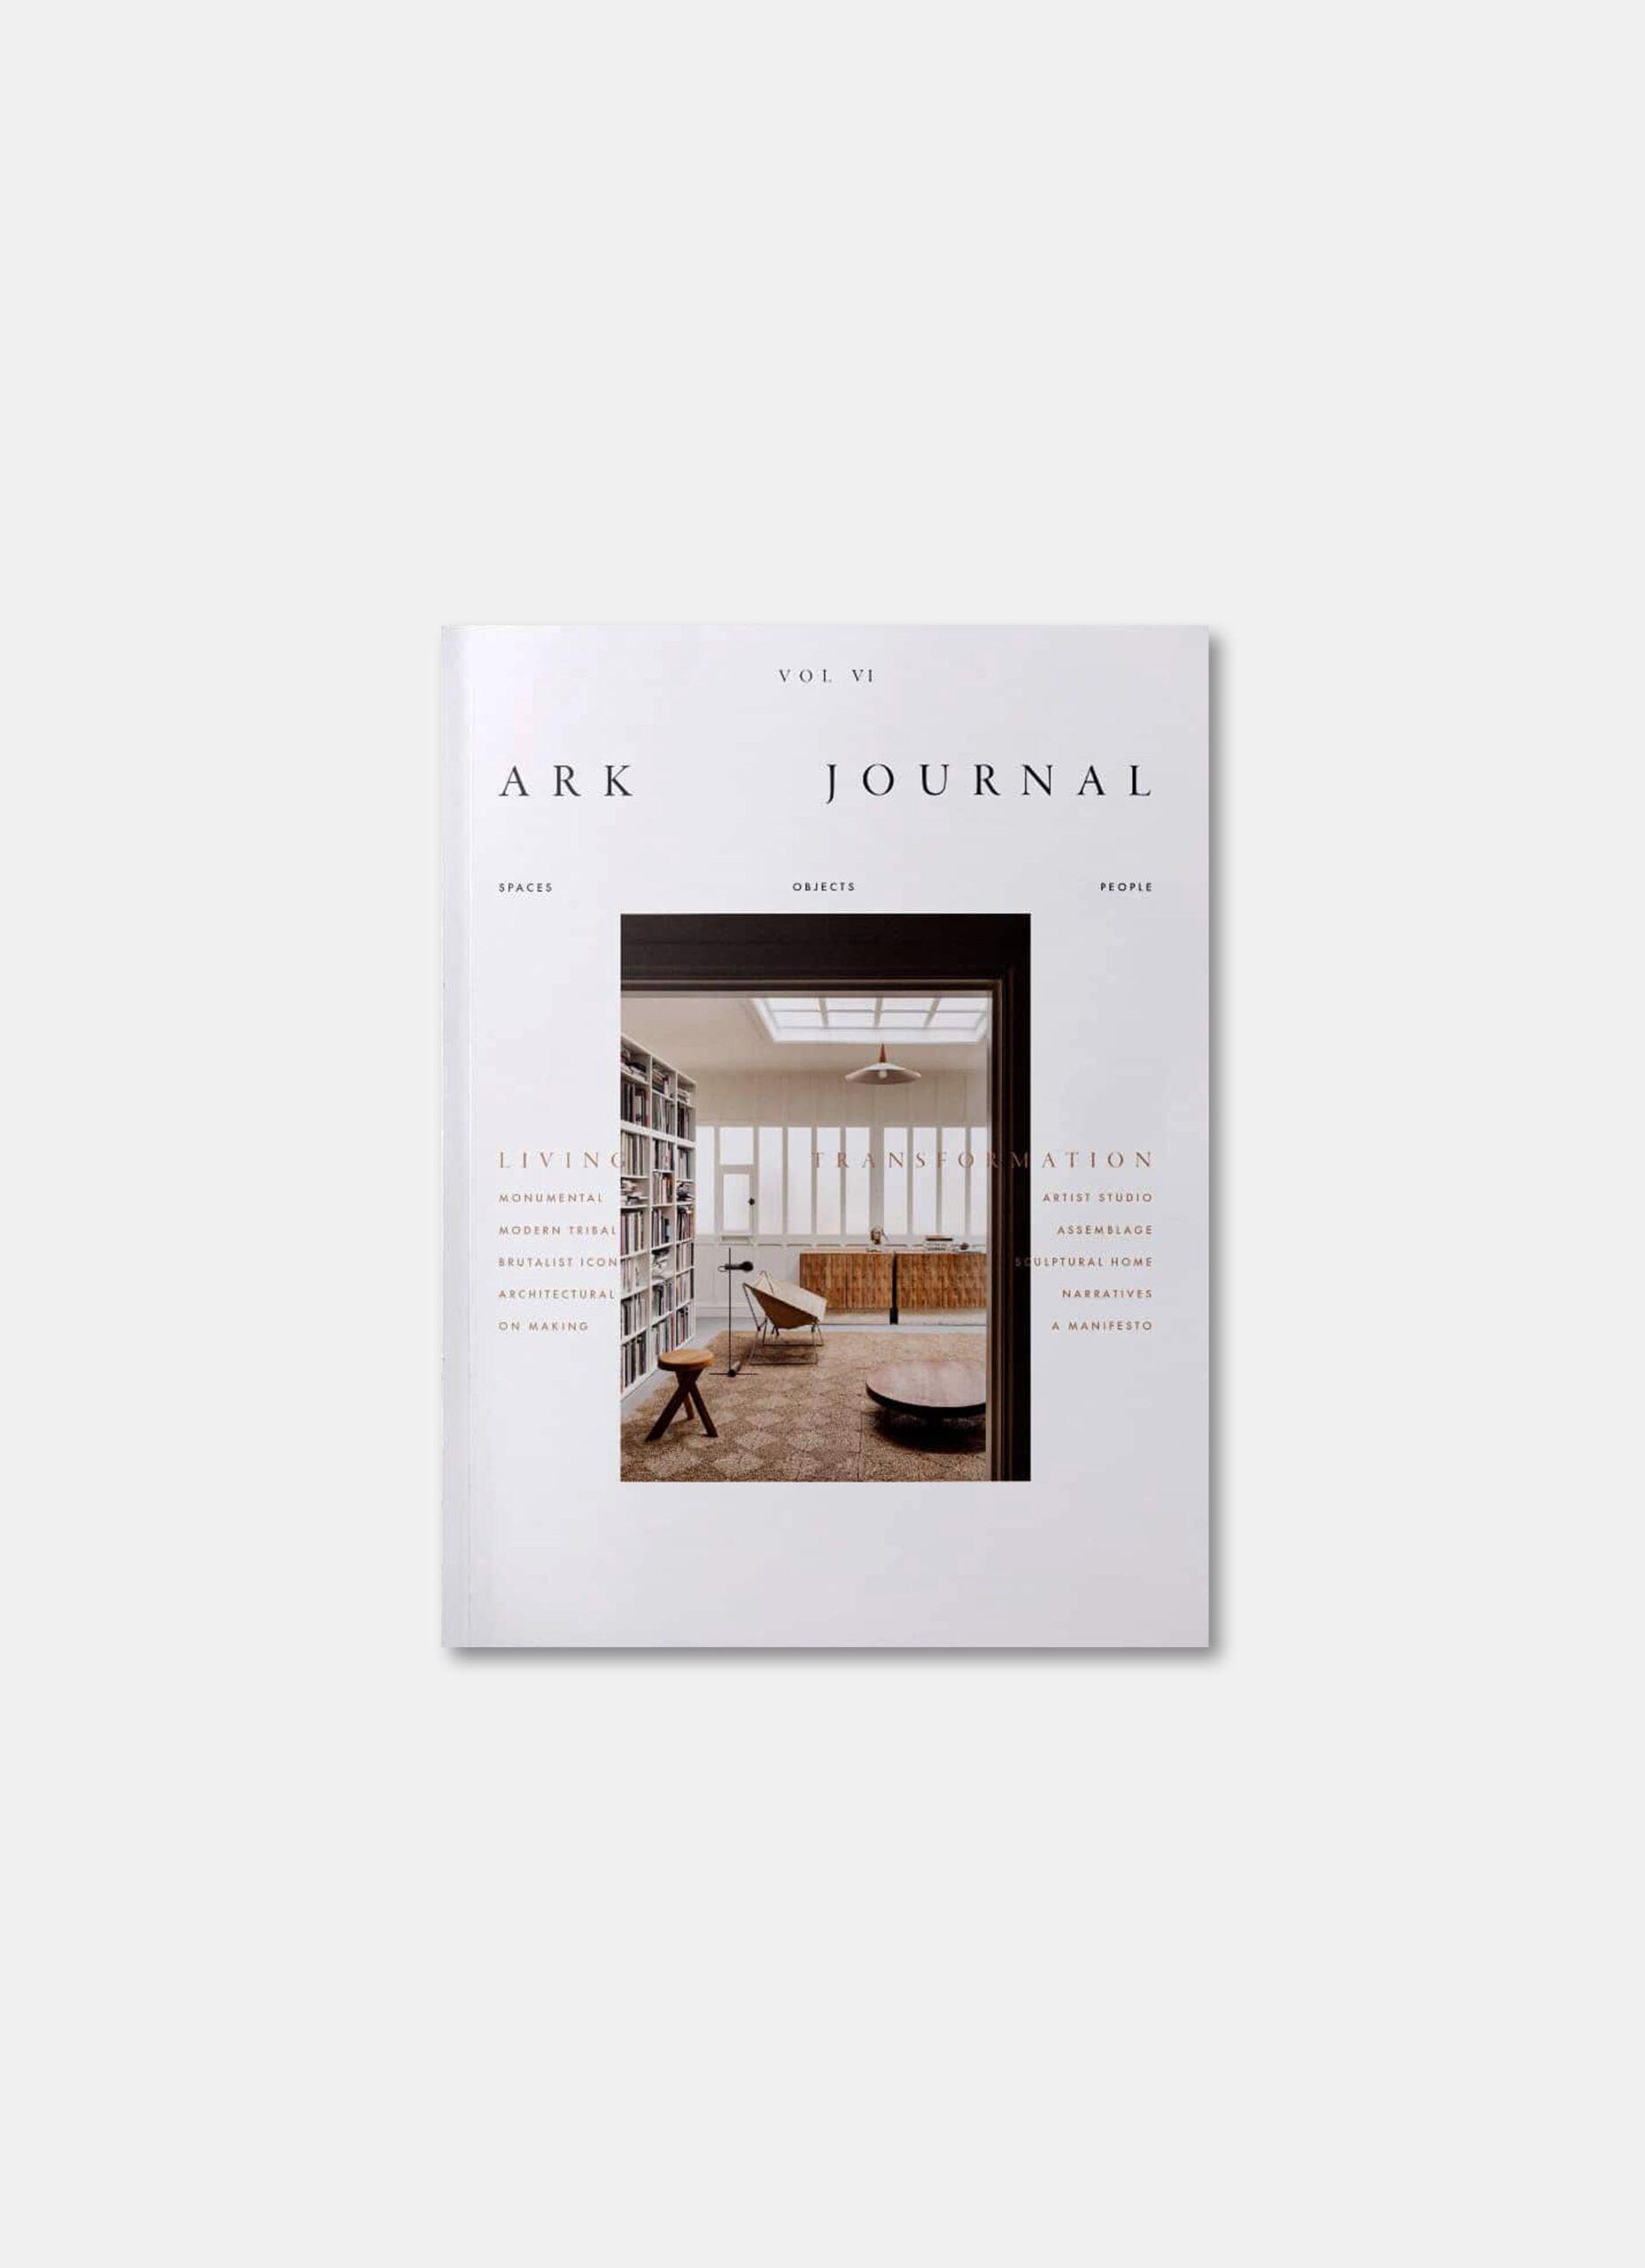 Ark Journal - Autumn - Winter 2021 - Volume VI